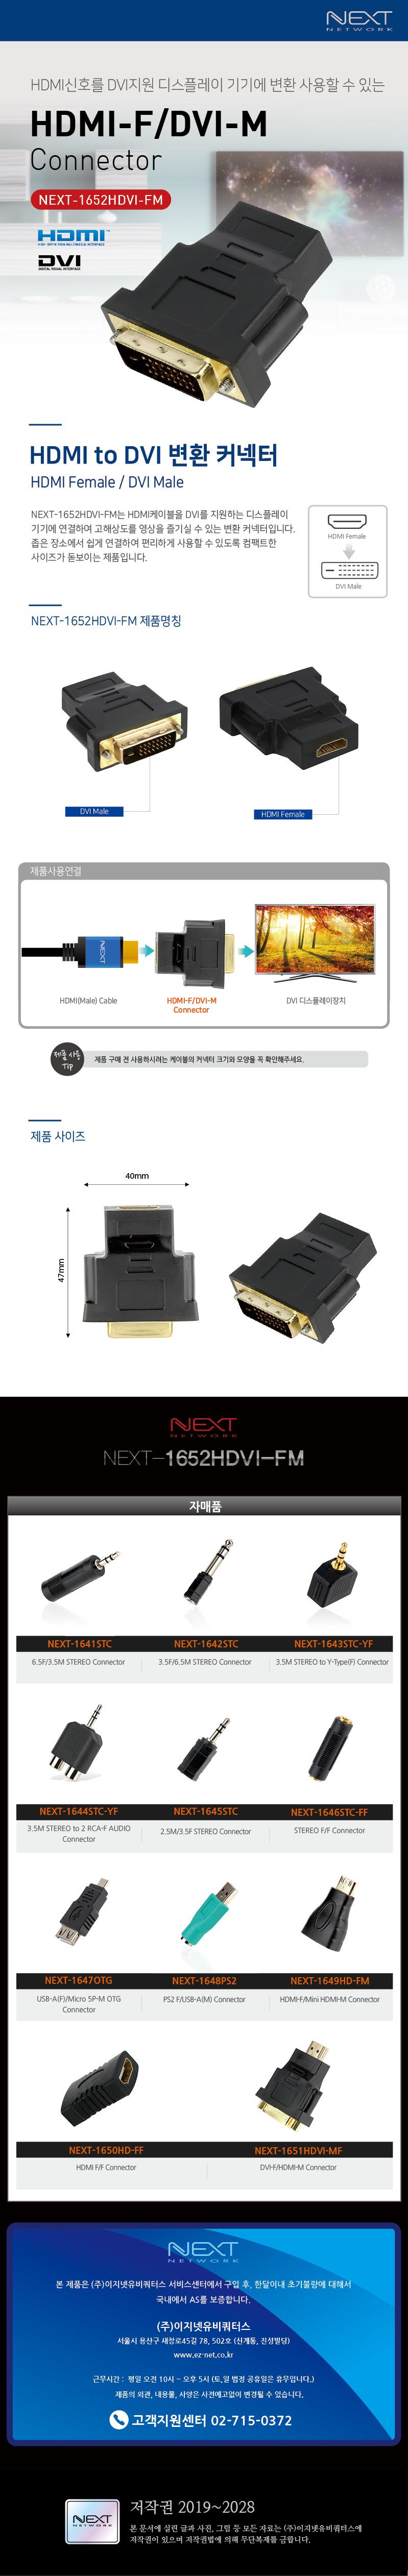 이지넷유비쿼터스  HDMI to DVI F/M 변환젠더 (NEXT-1652HDVI-FM)